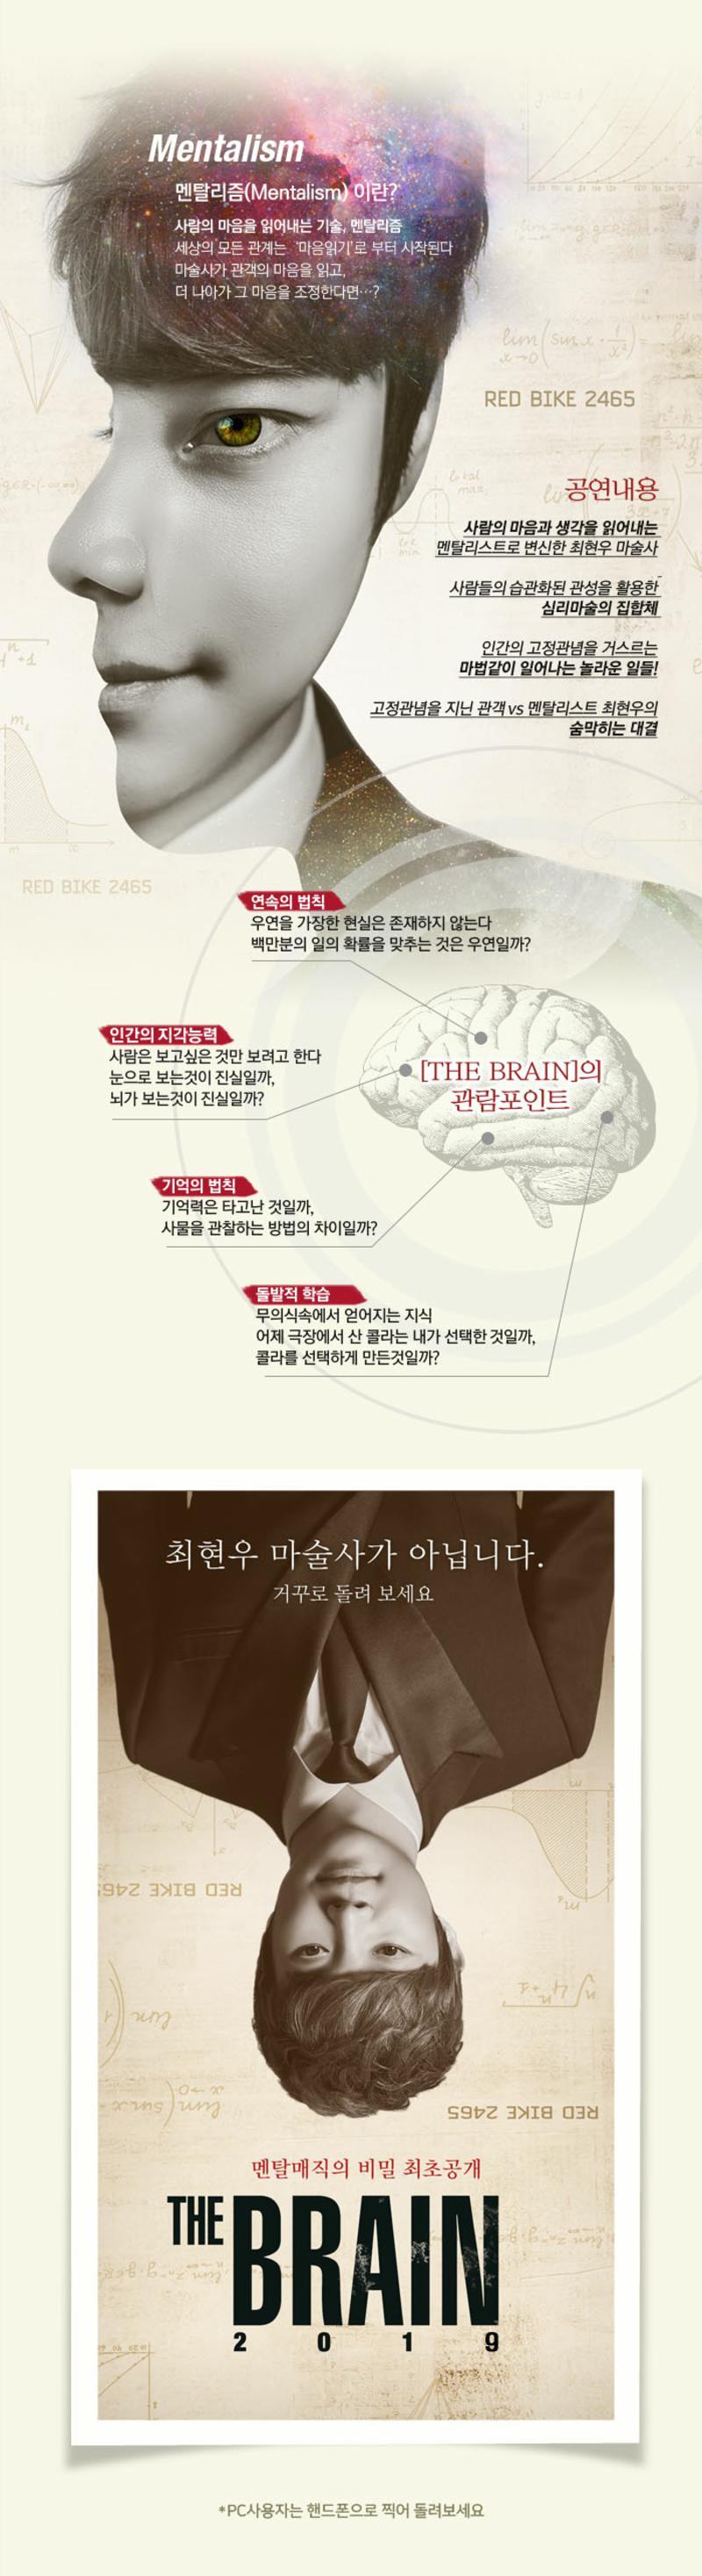 2019 최현우 <THE BRAIN> 상세보기